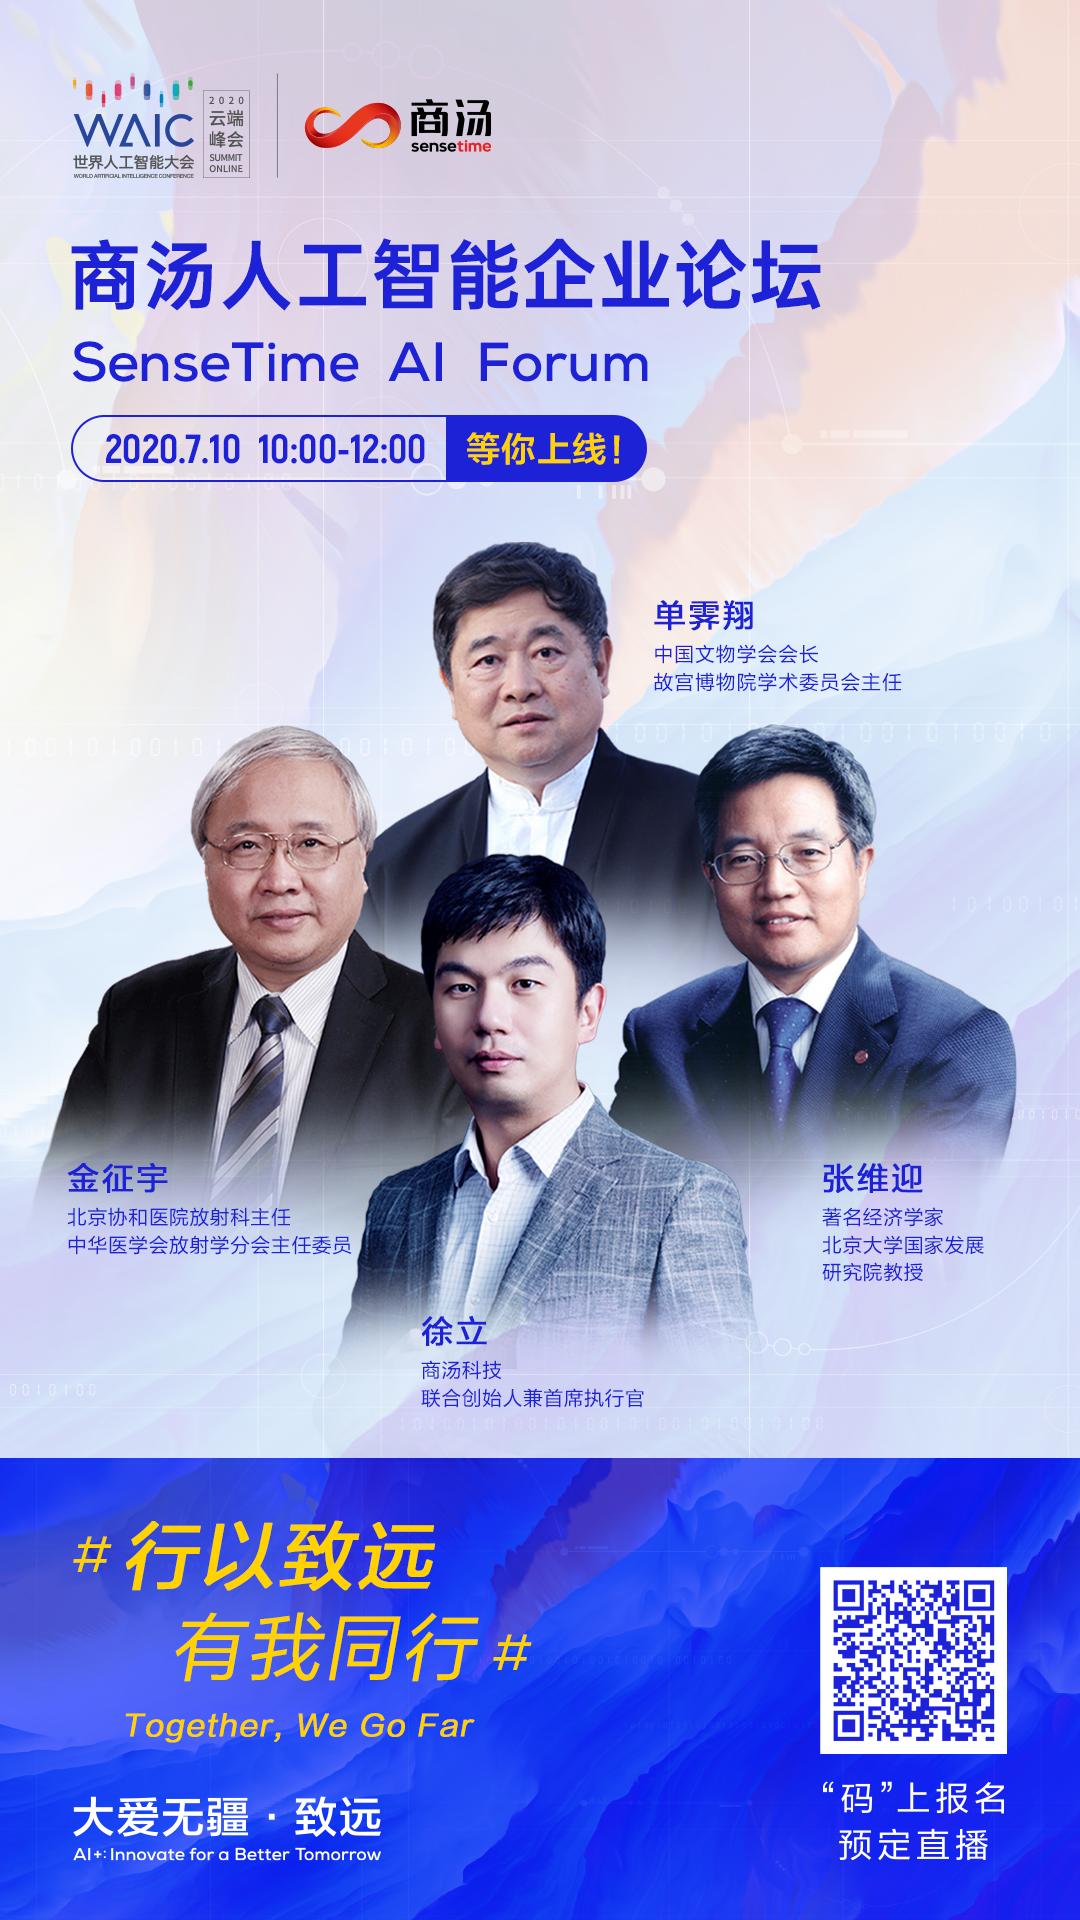 探营上海AI独角兽企业!星环科技、商汤科技亮点抢先看